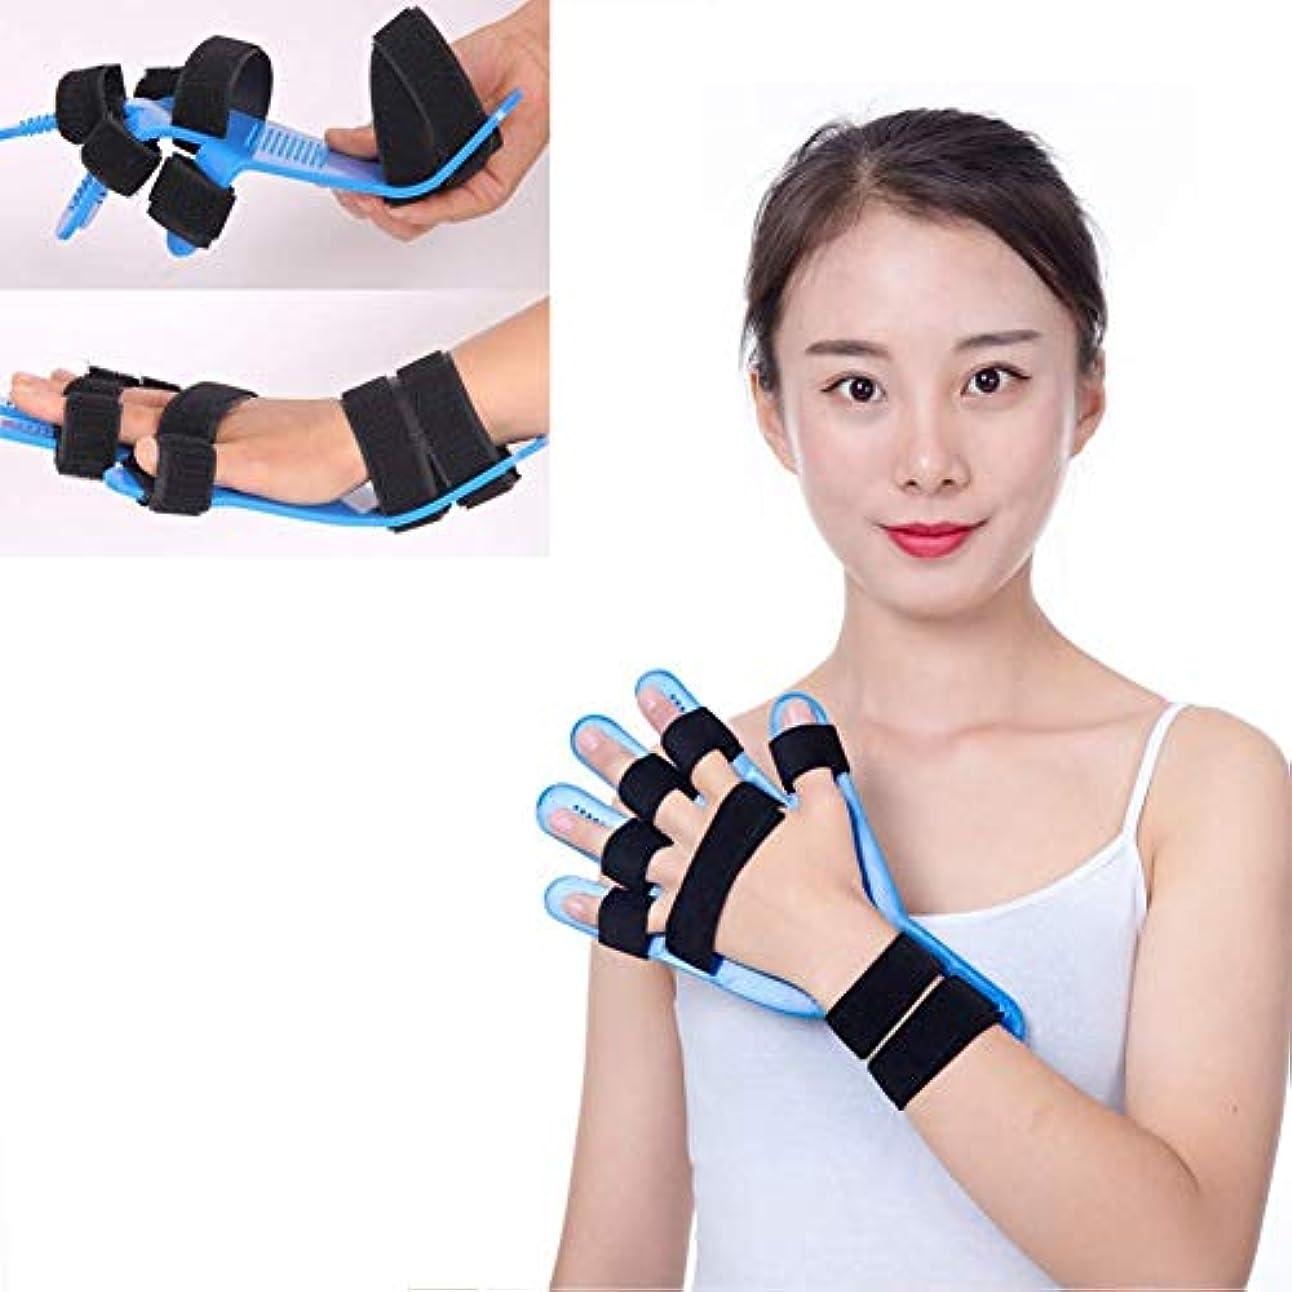 補正とんでもないそれによってフィンガースプリント指指セパレーター、指インソールは指をポイント、インソールには、脳卒中/麻痺/外傷性脳損傷のための手の手首のトレーニング装具デバイス、トリガーフィンガースプリントポイント